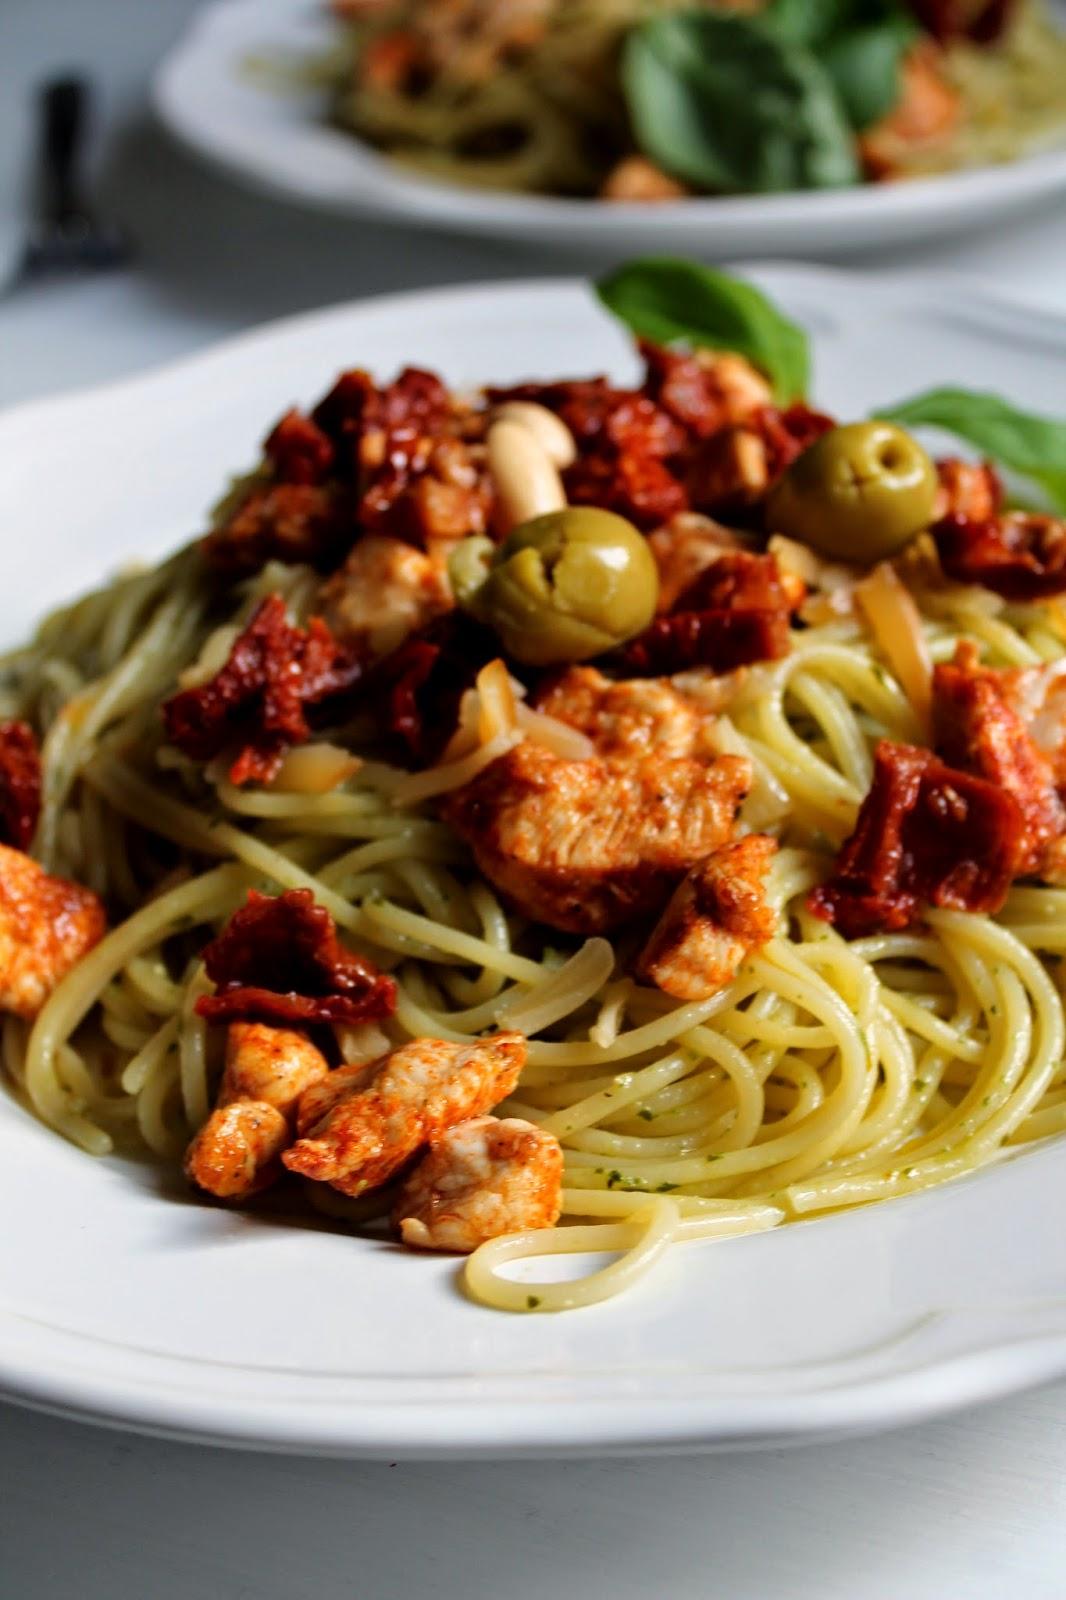 Delicious Mess Makaron Z Pesto Grillowanym Kurczakiem I